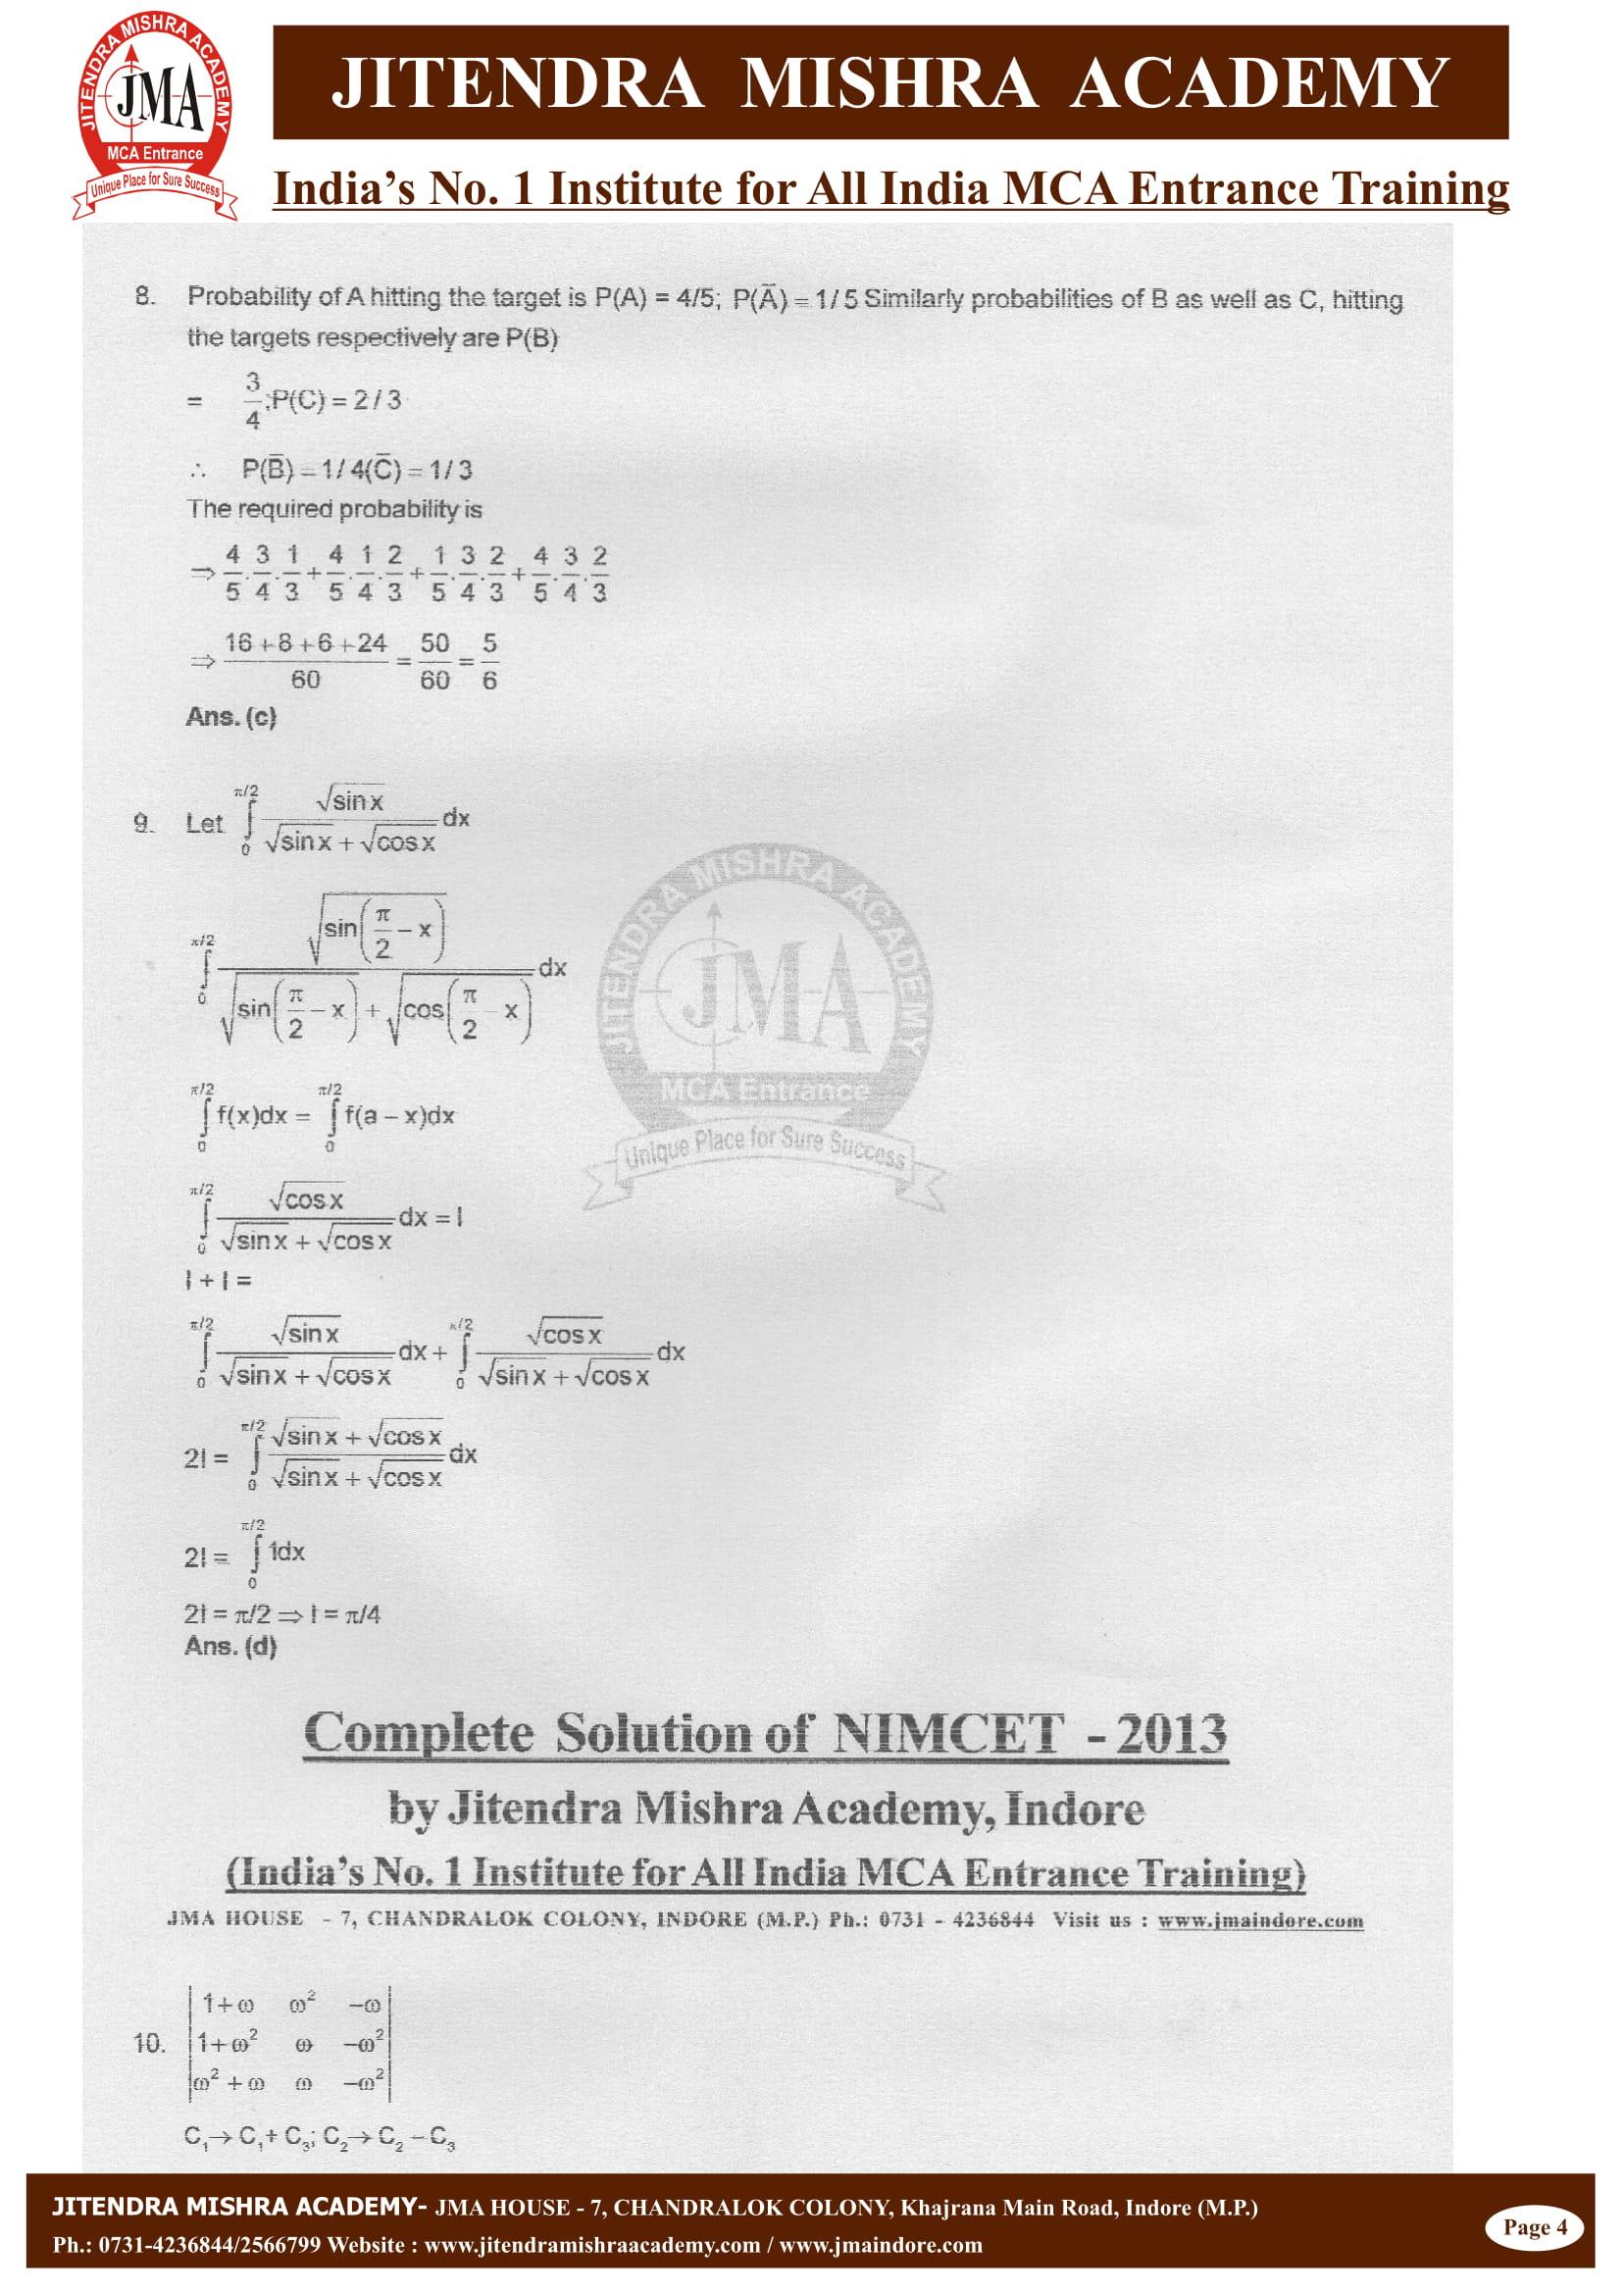 NIMCET - 2013 (SOLUTION)-04